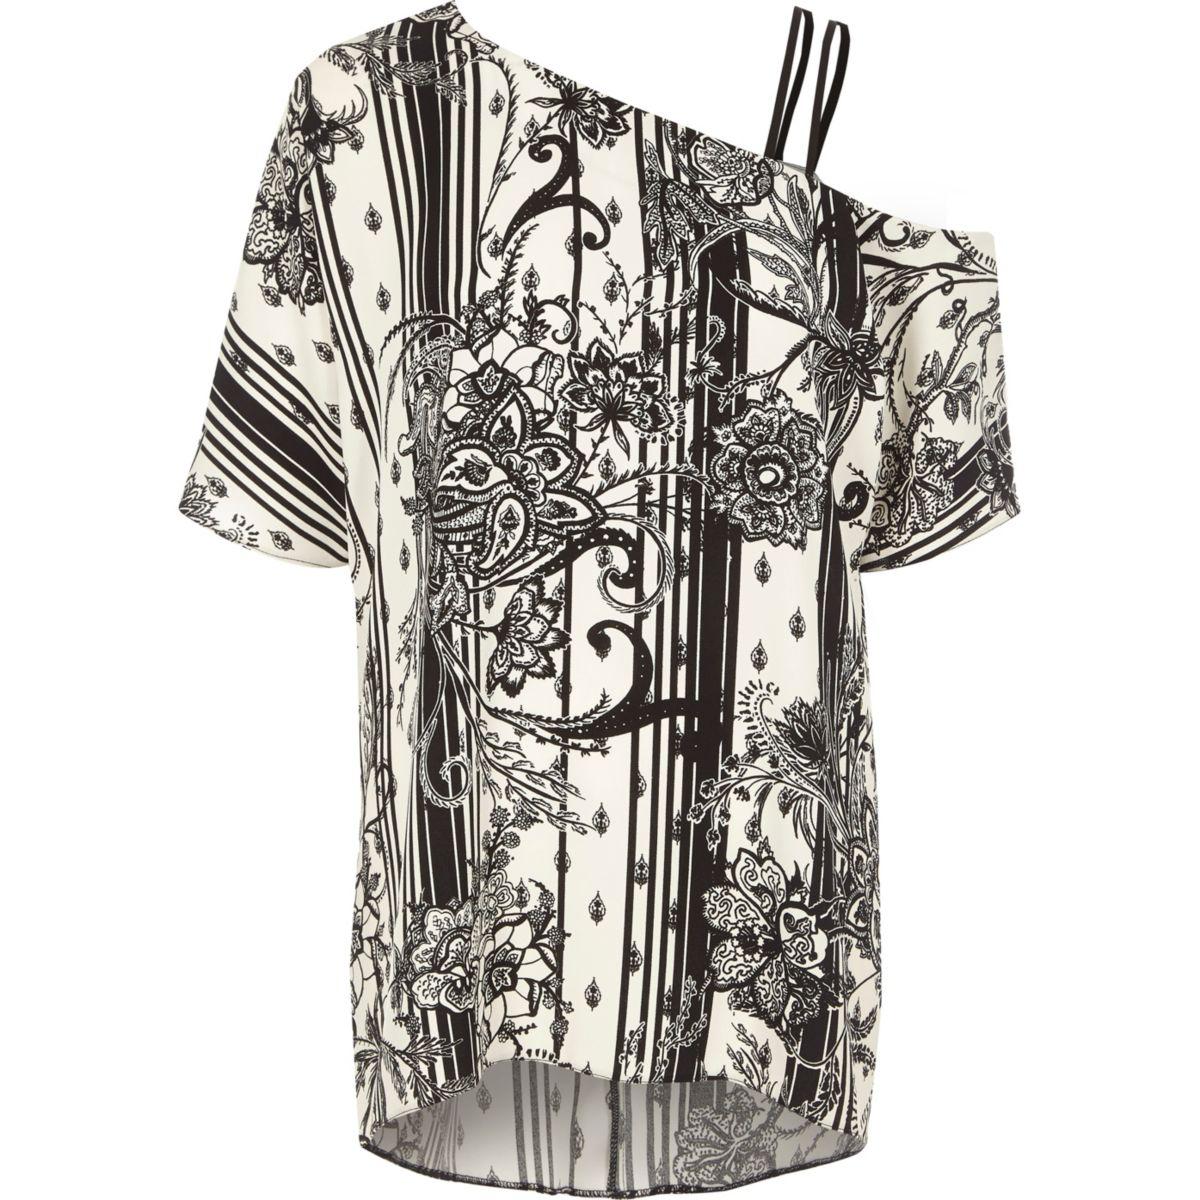 Black floral print one shoulder top